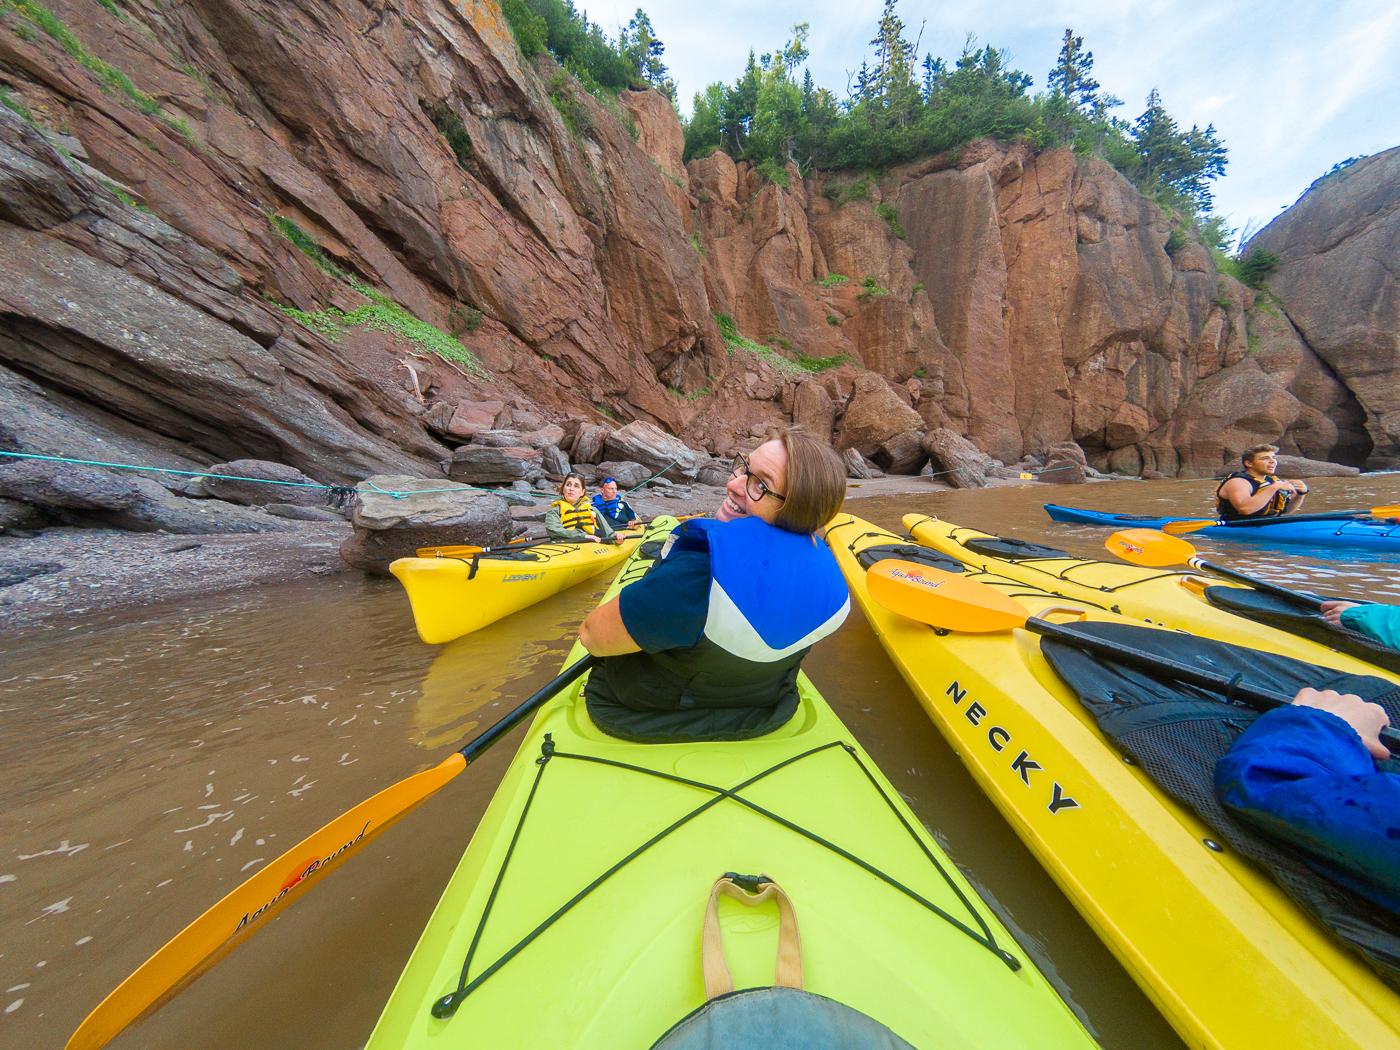 Maude en kayak avec groupe de kayakistes dans la baie de Fundy